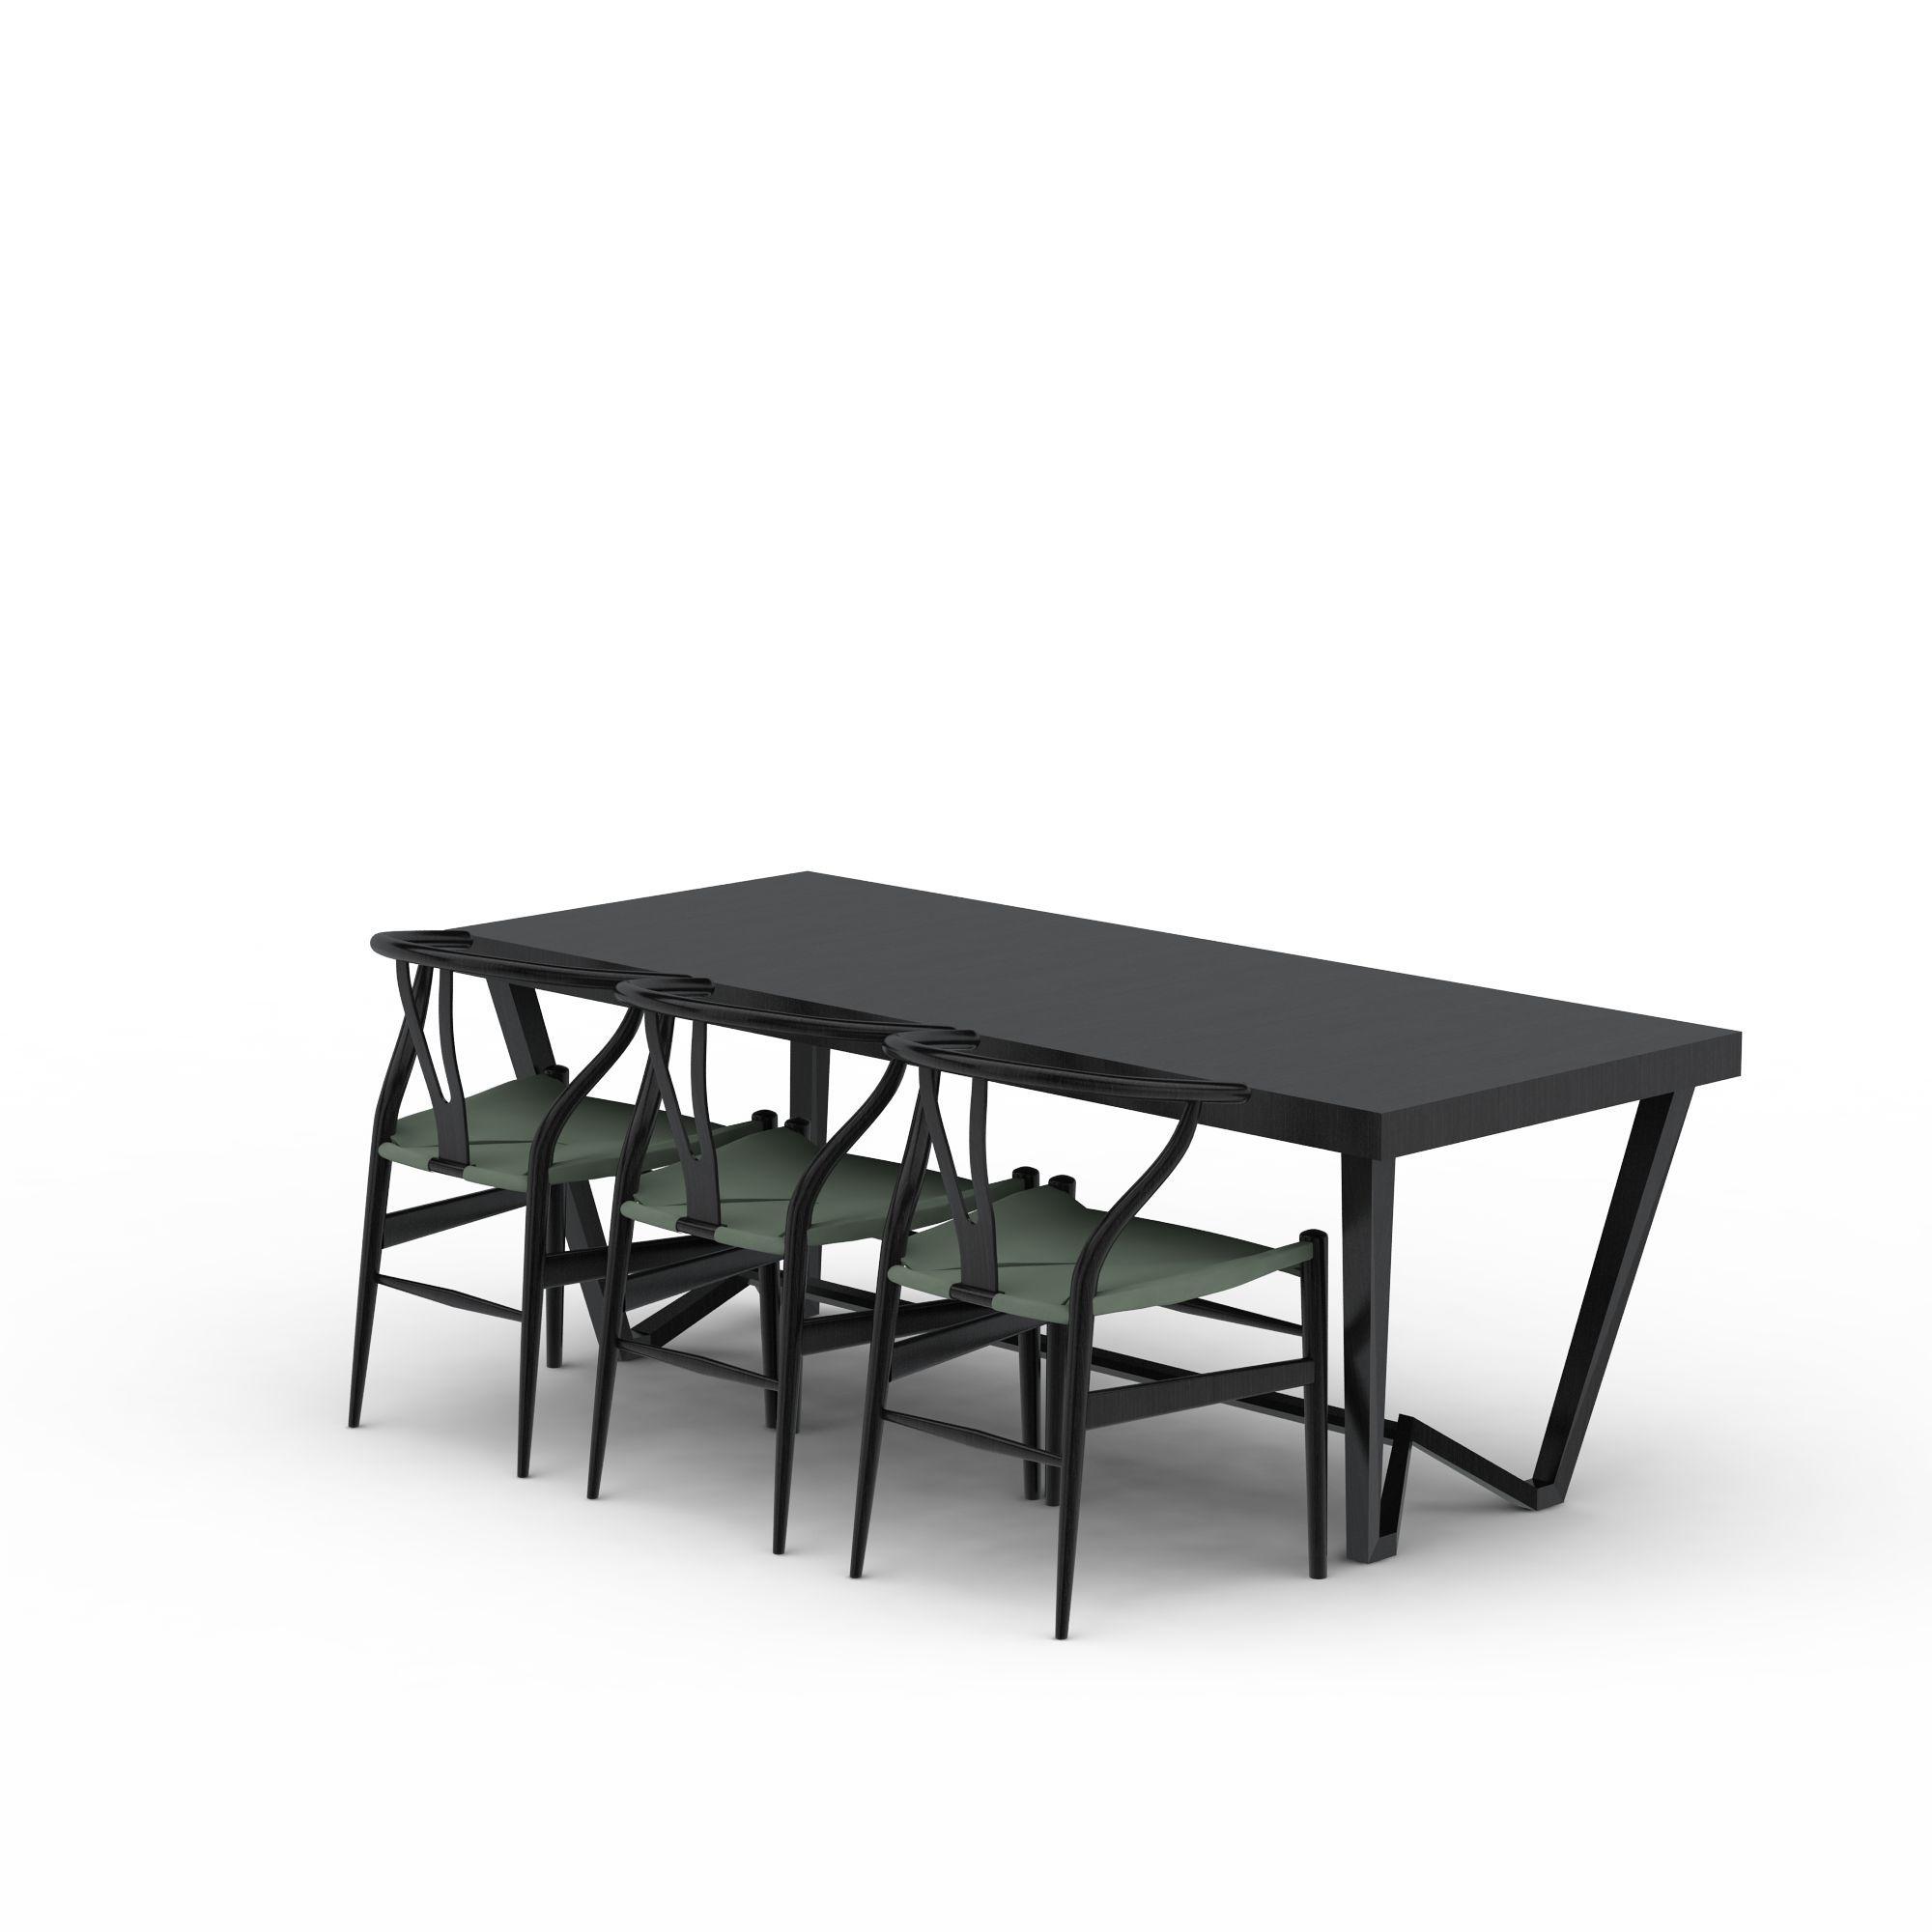 长方形桌子图片_长方形桌子png图片素材_长方形桌子图